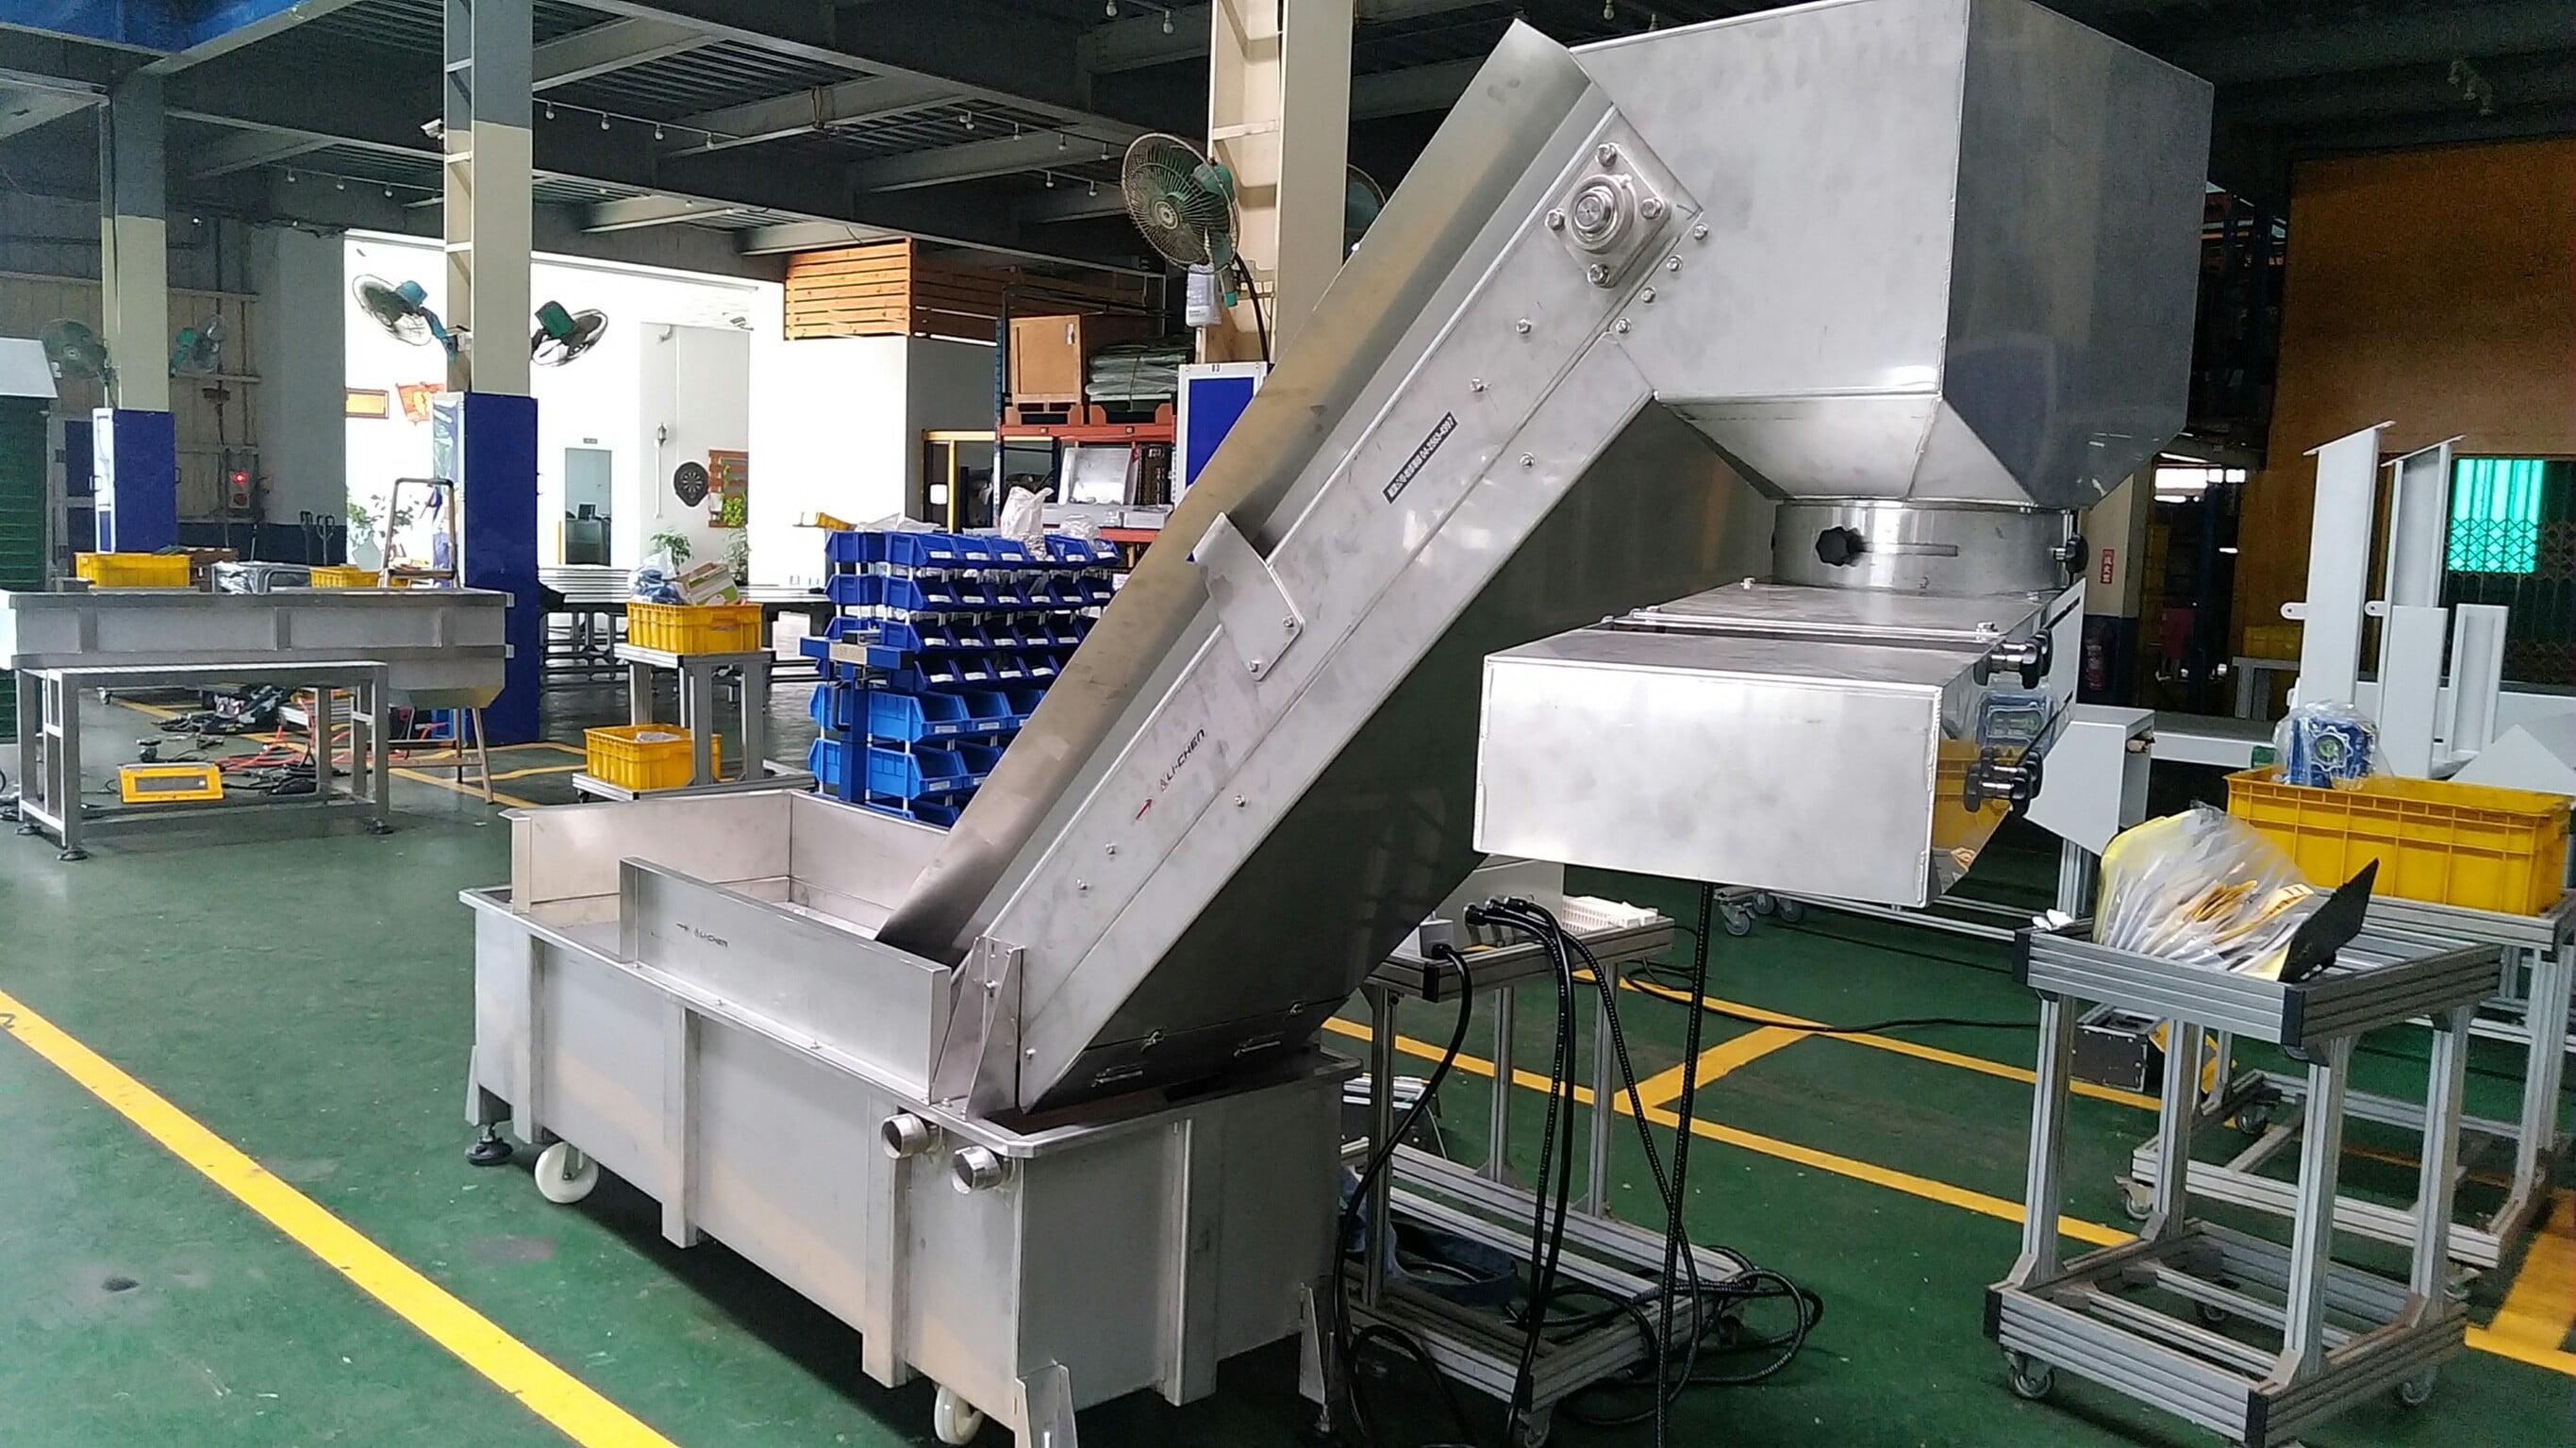 Stainless steel belt climbing hopper conveyor & stainless steel plastic mesh belt conveyor - Lichen Conveyor Equipment Co., Ltd.